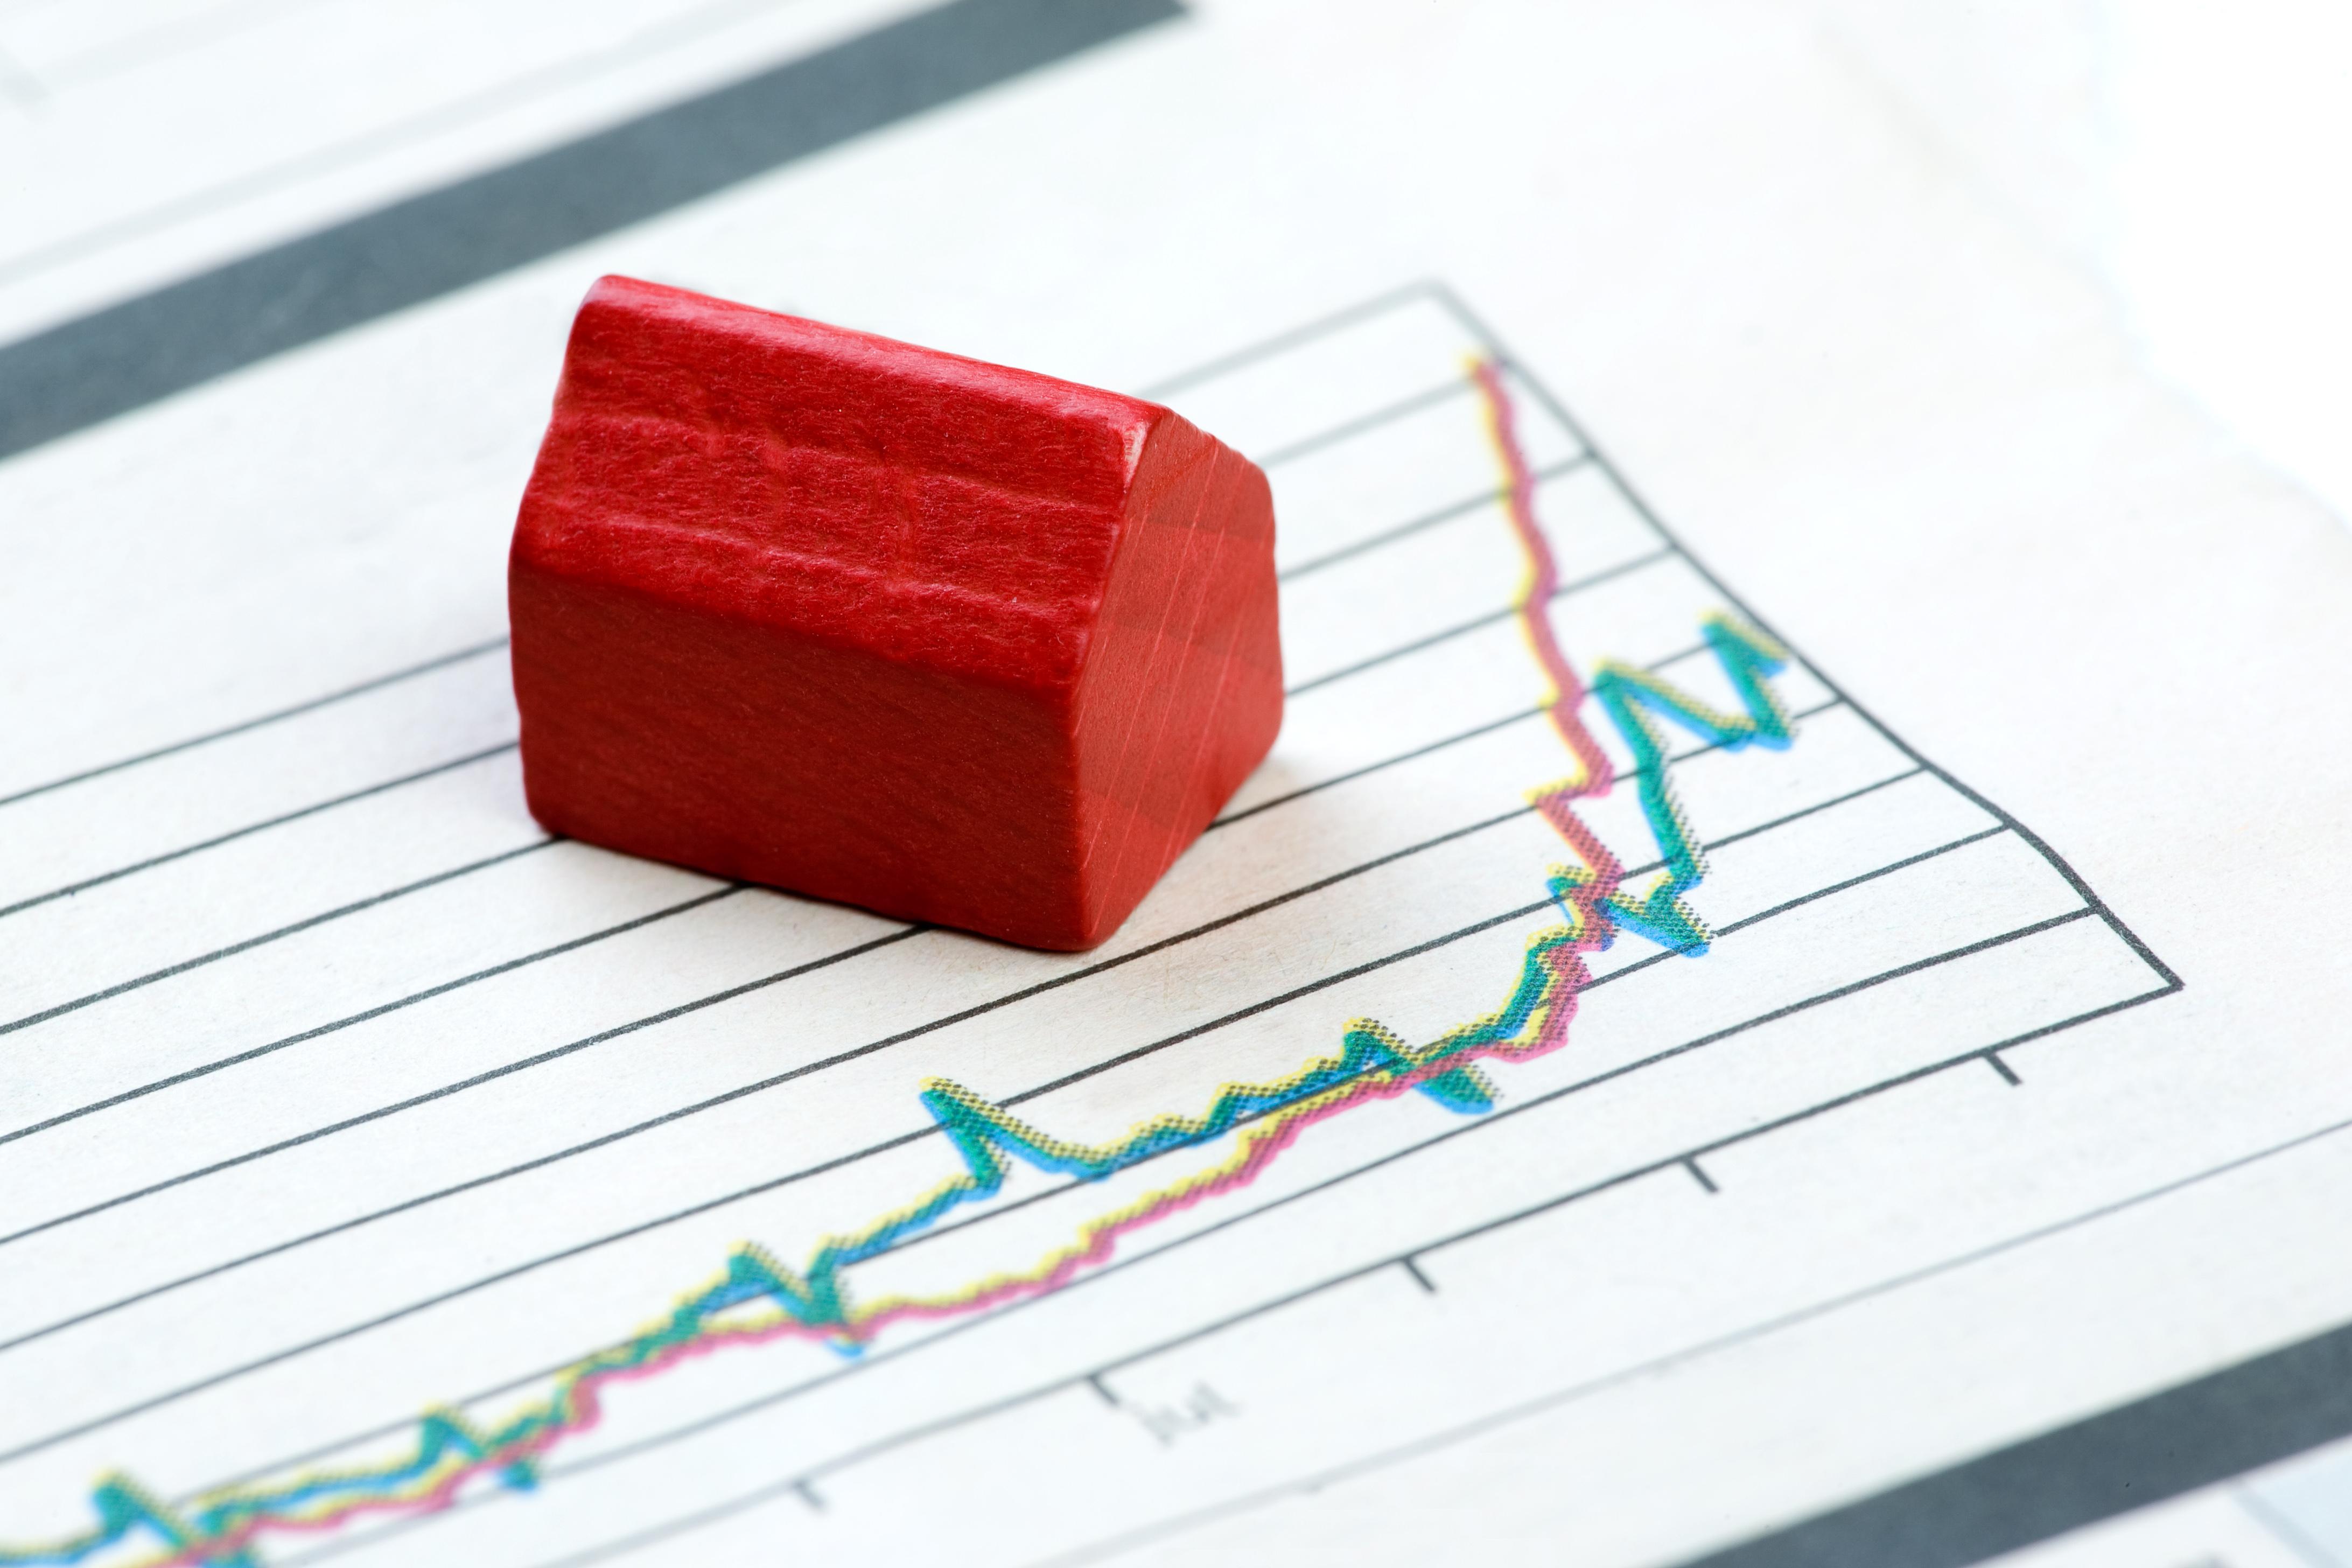 La situazione del mercato immobiliare secondo l'Istat